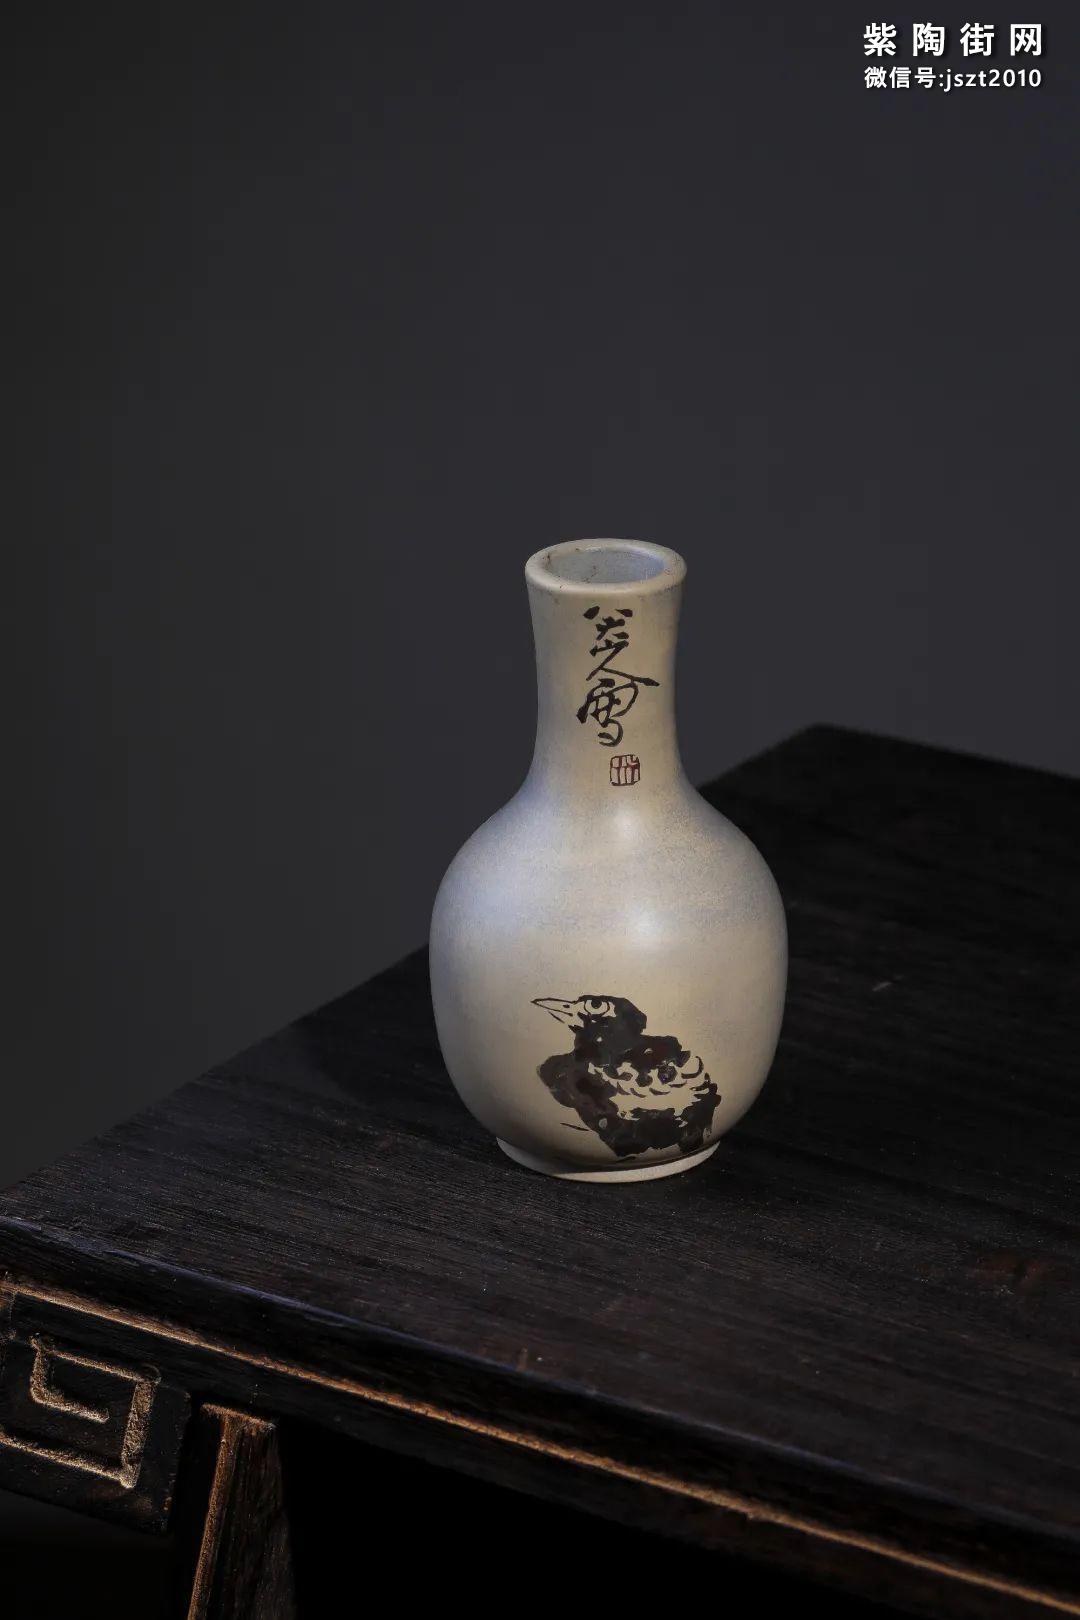 建水吴玉平简介及紫陶花瓶欣赏插图2